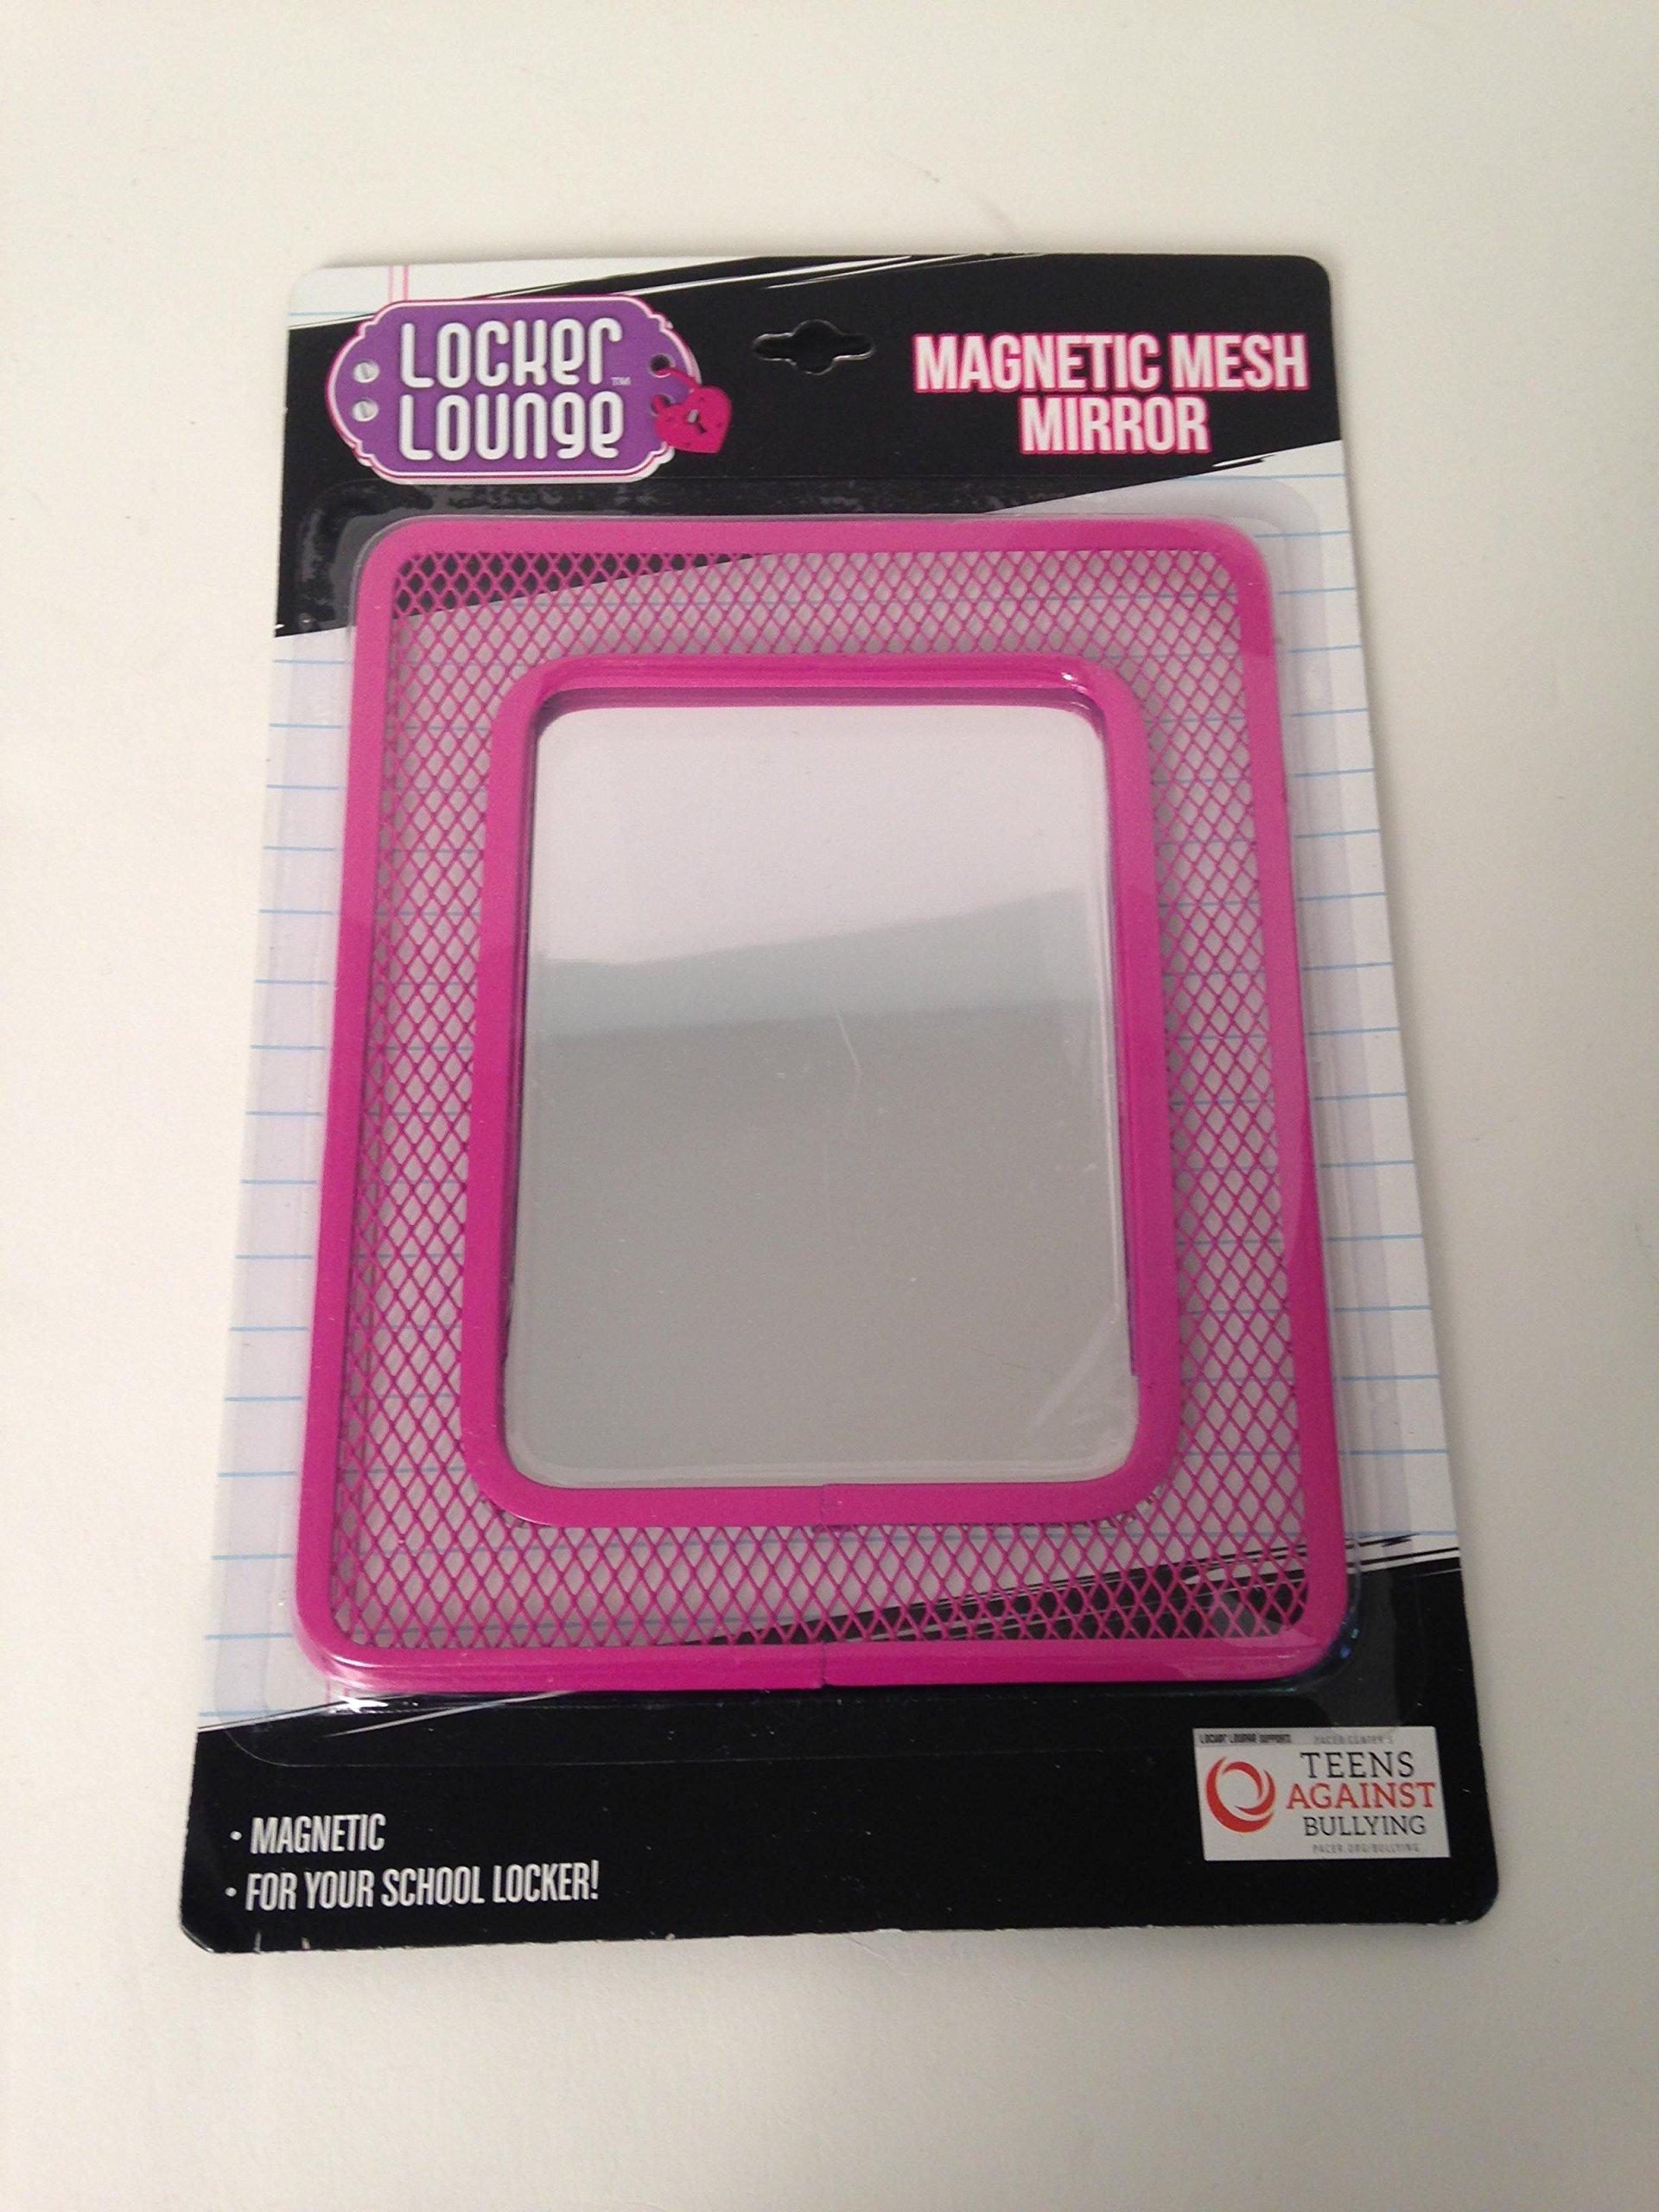 Locker Lounge Magnetic mesh mirror pink